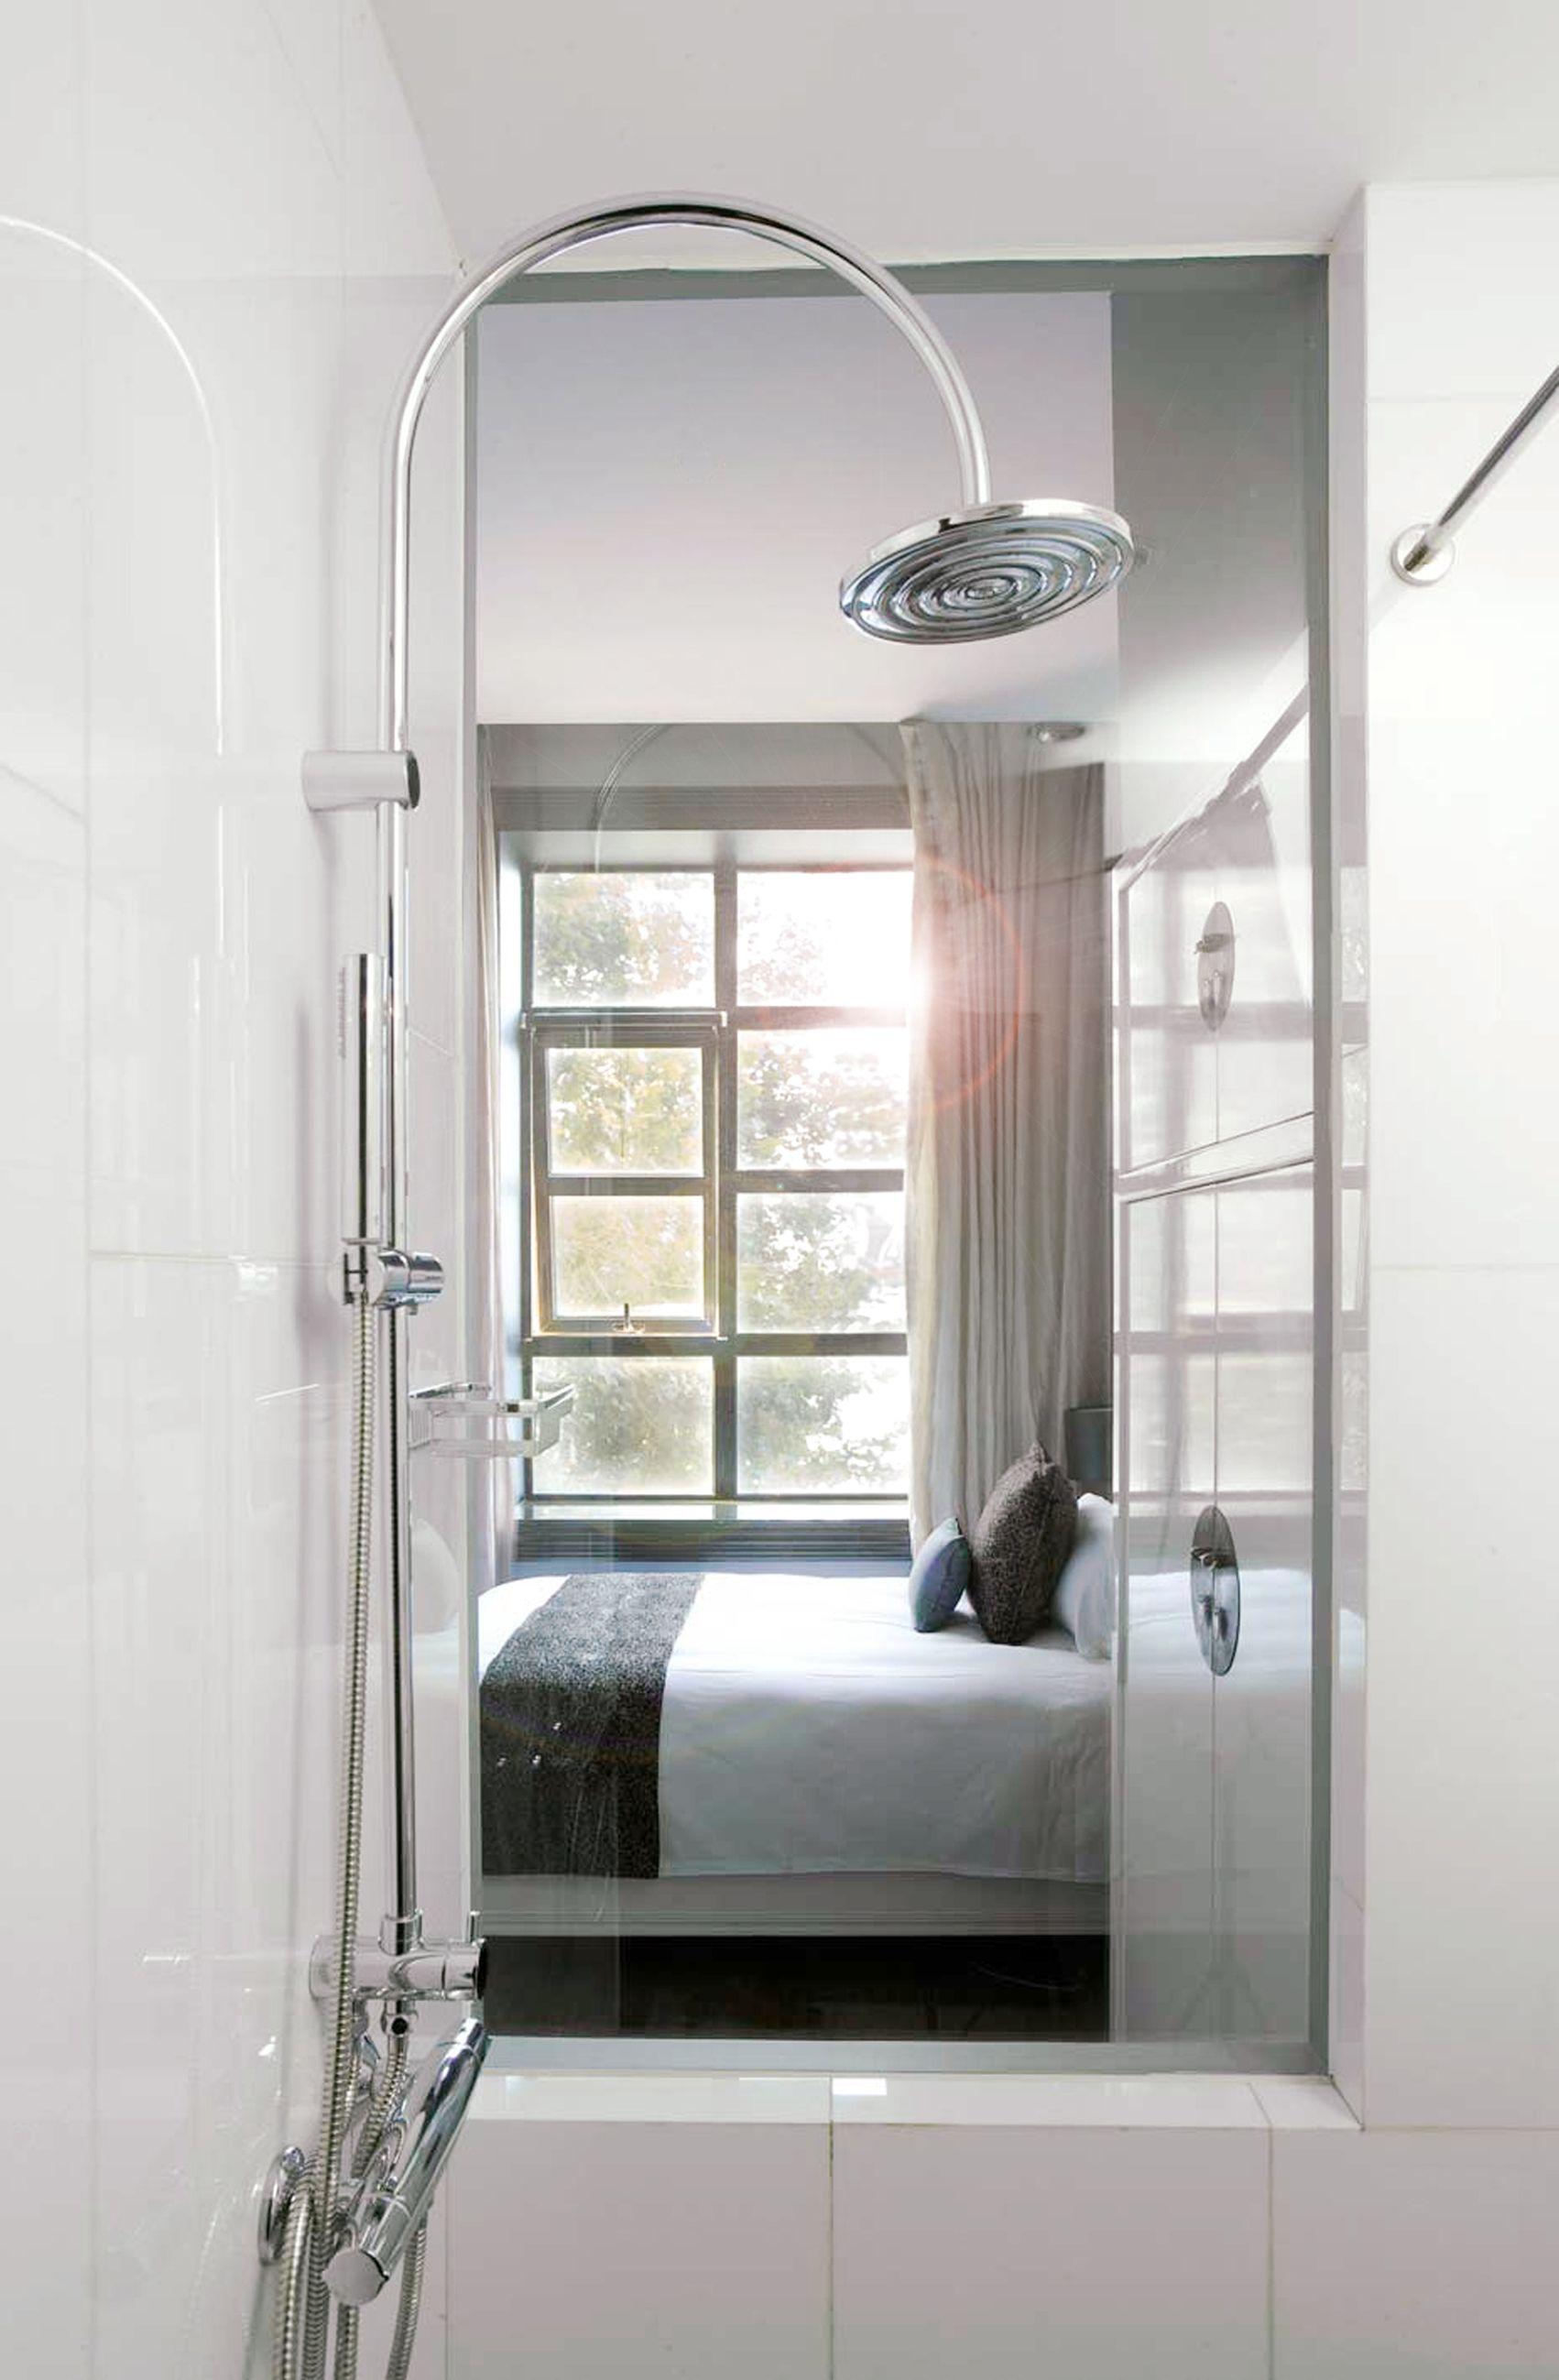 Grace Beijing Beijing Five Star Alliance Bed Linens Luxury Luxury Hotel Mini Bar